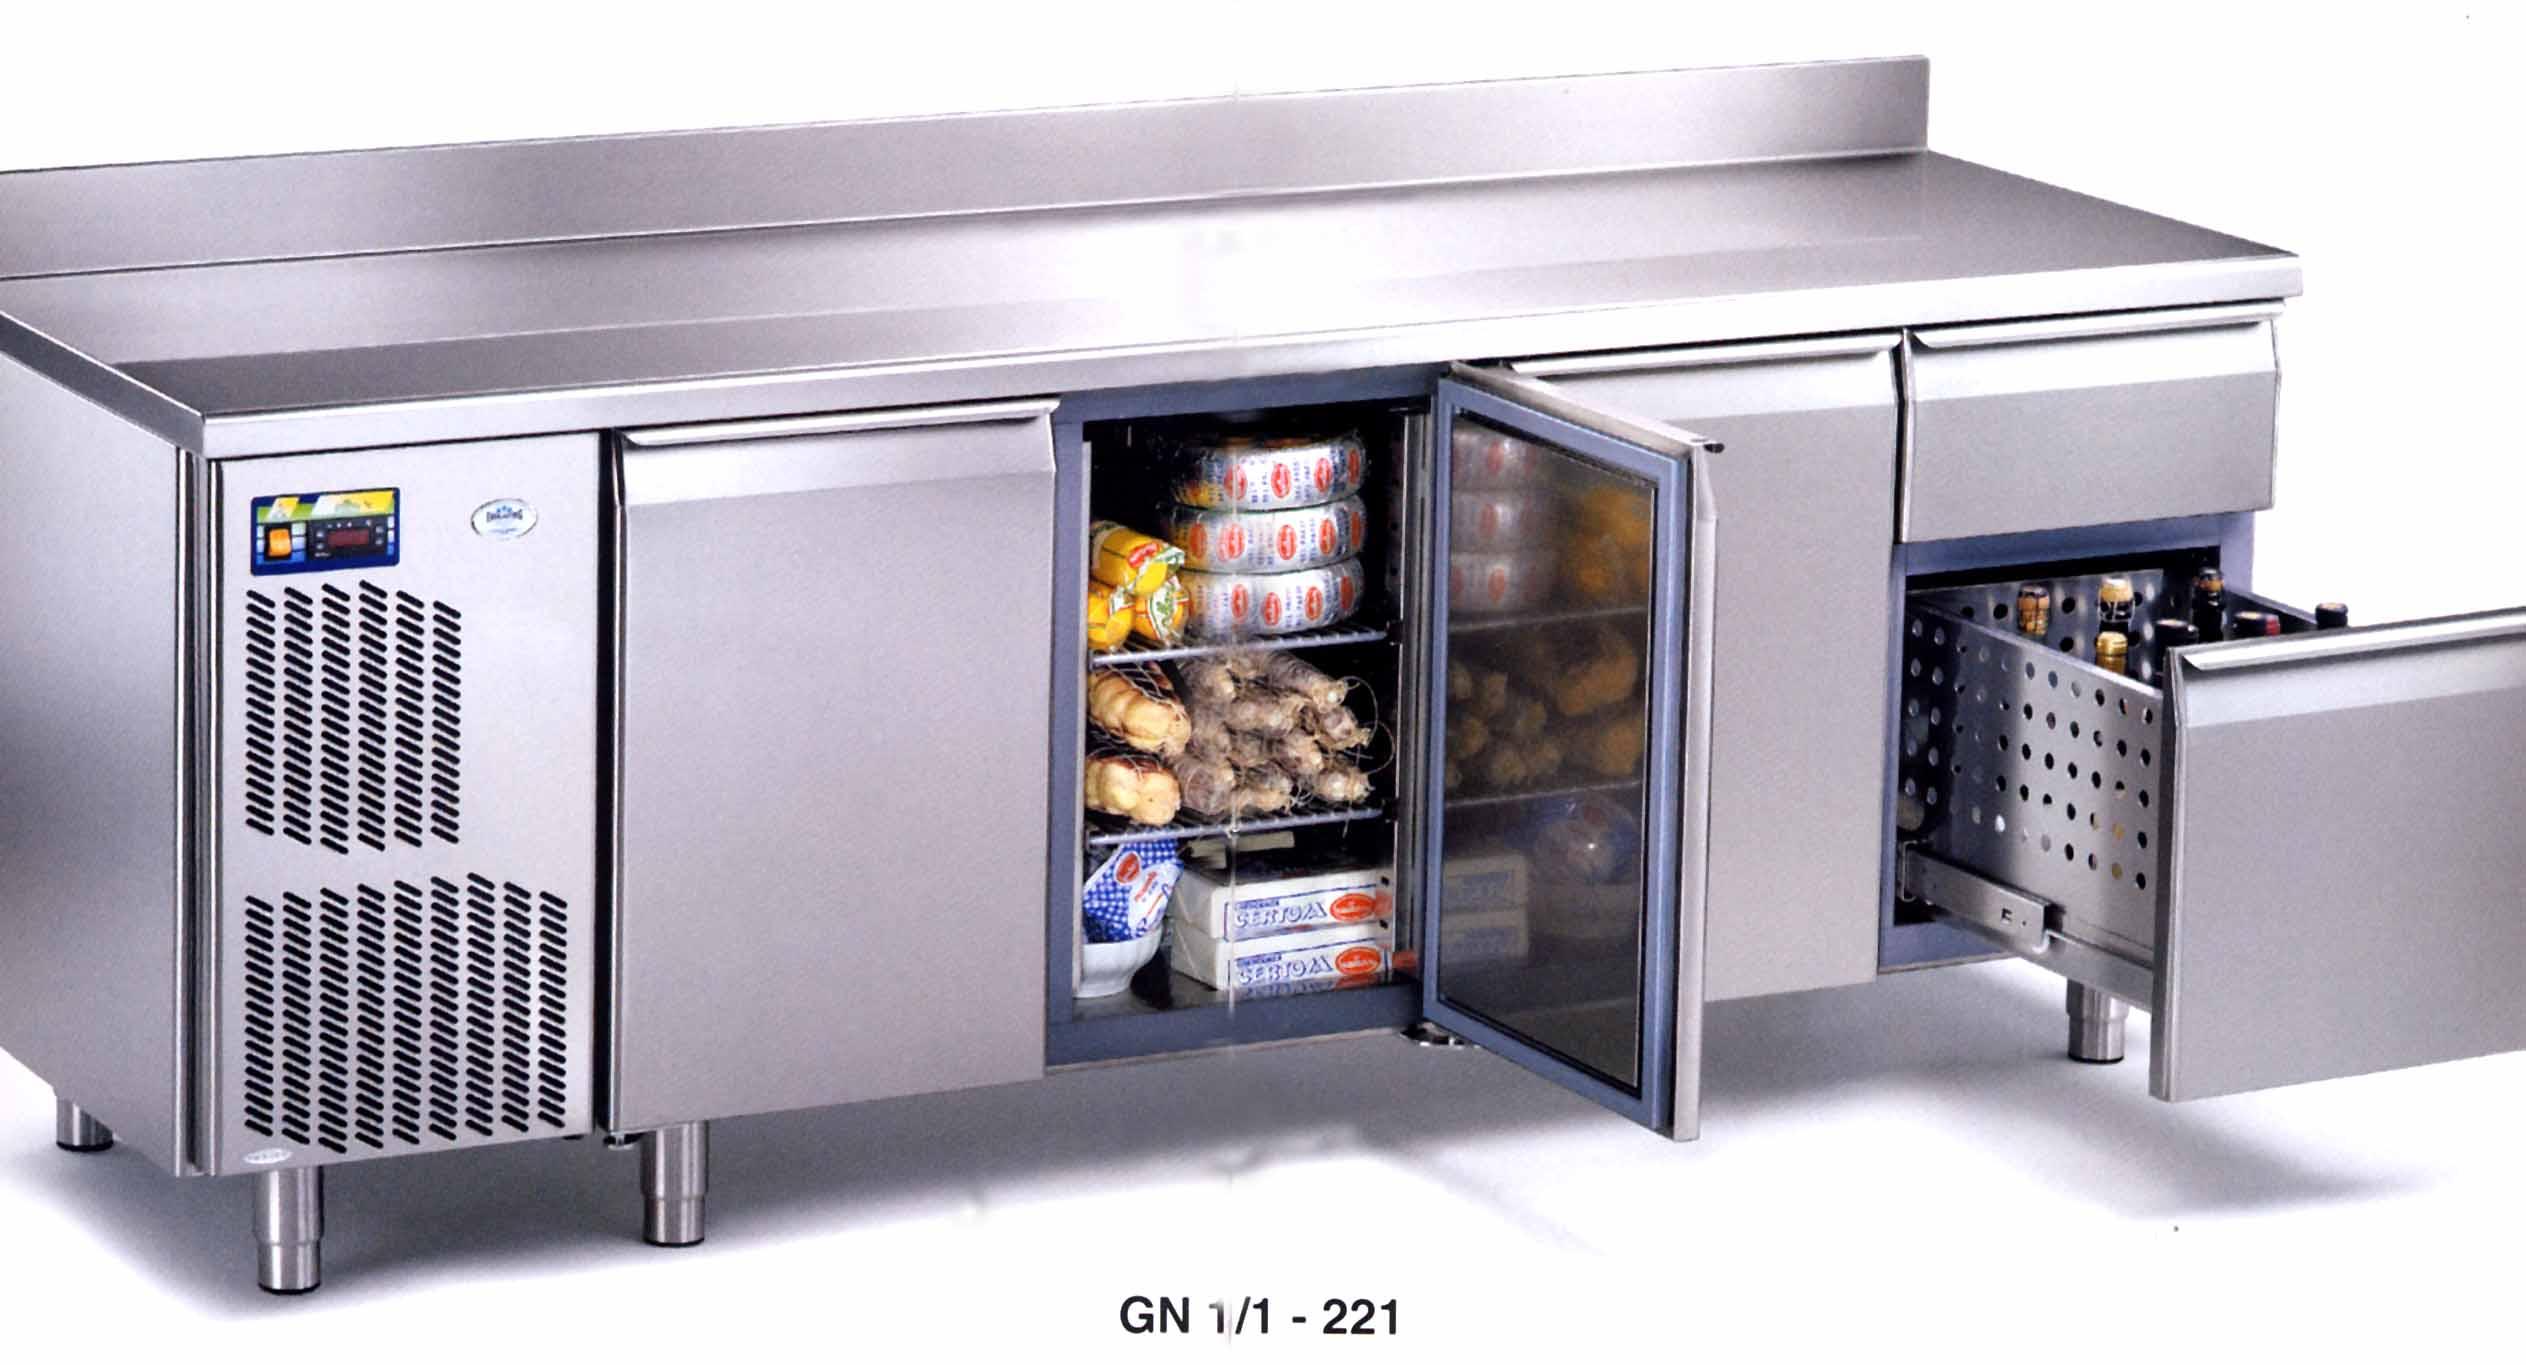 Arredamento ristoranti milano tavoli refrigerati for Offerte lavoro arredamento milano